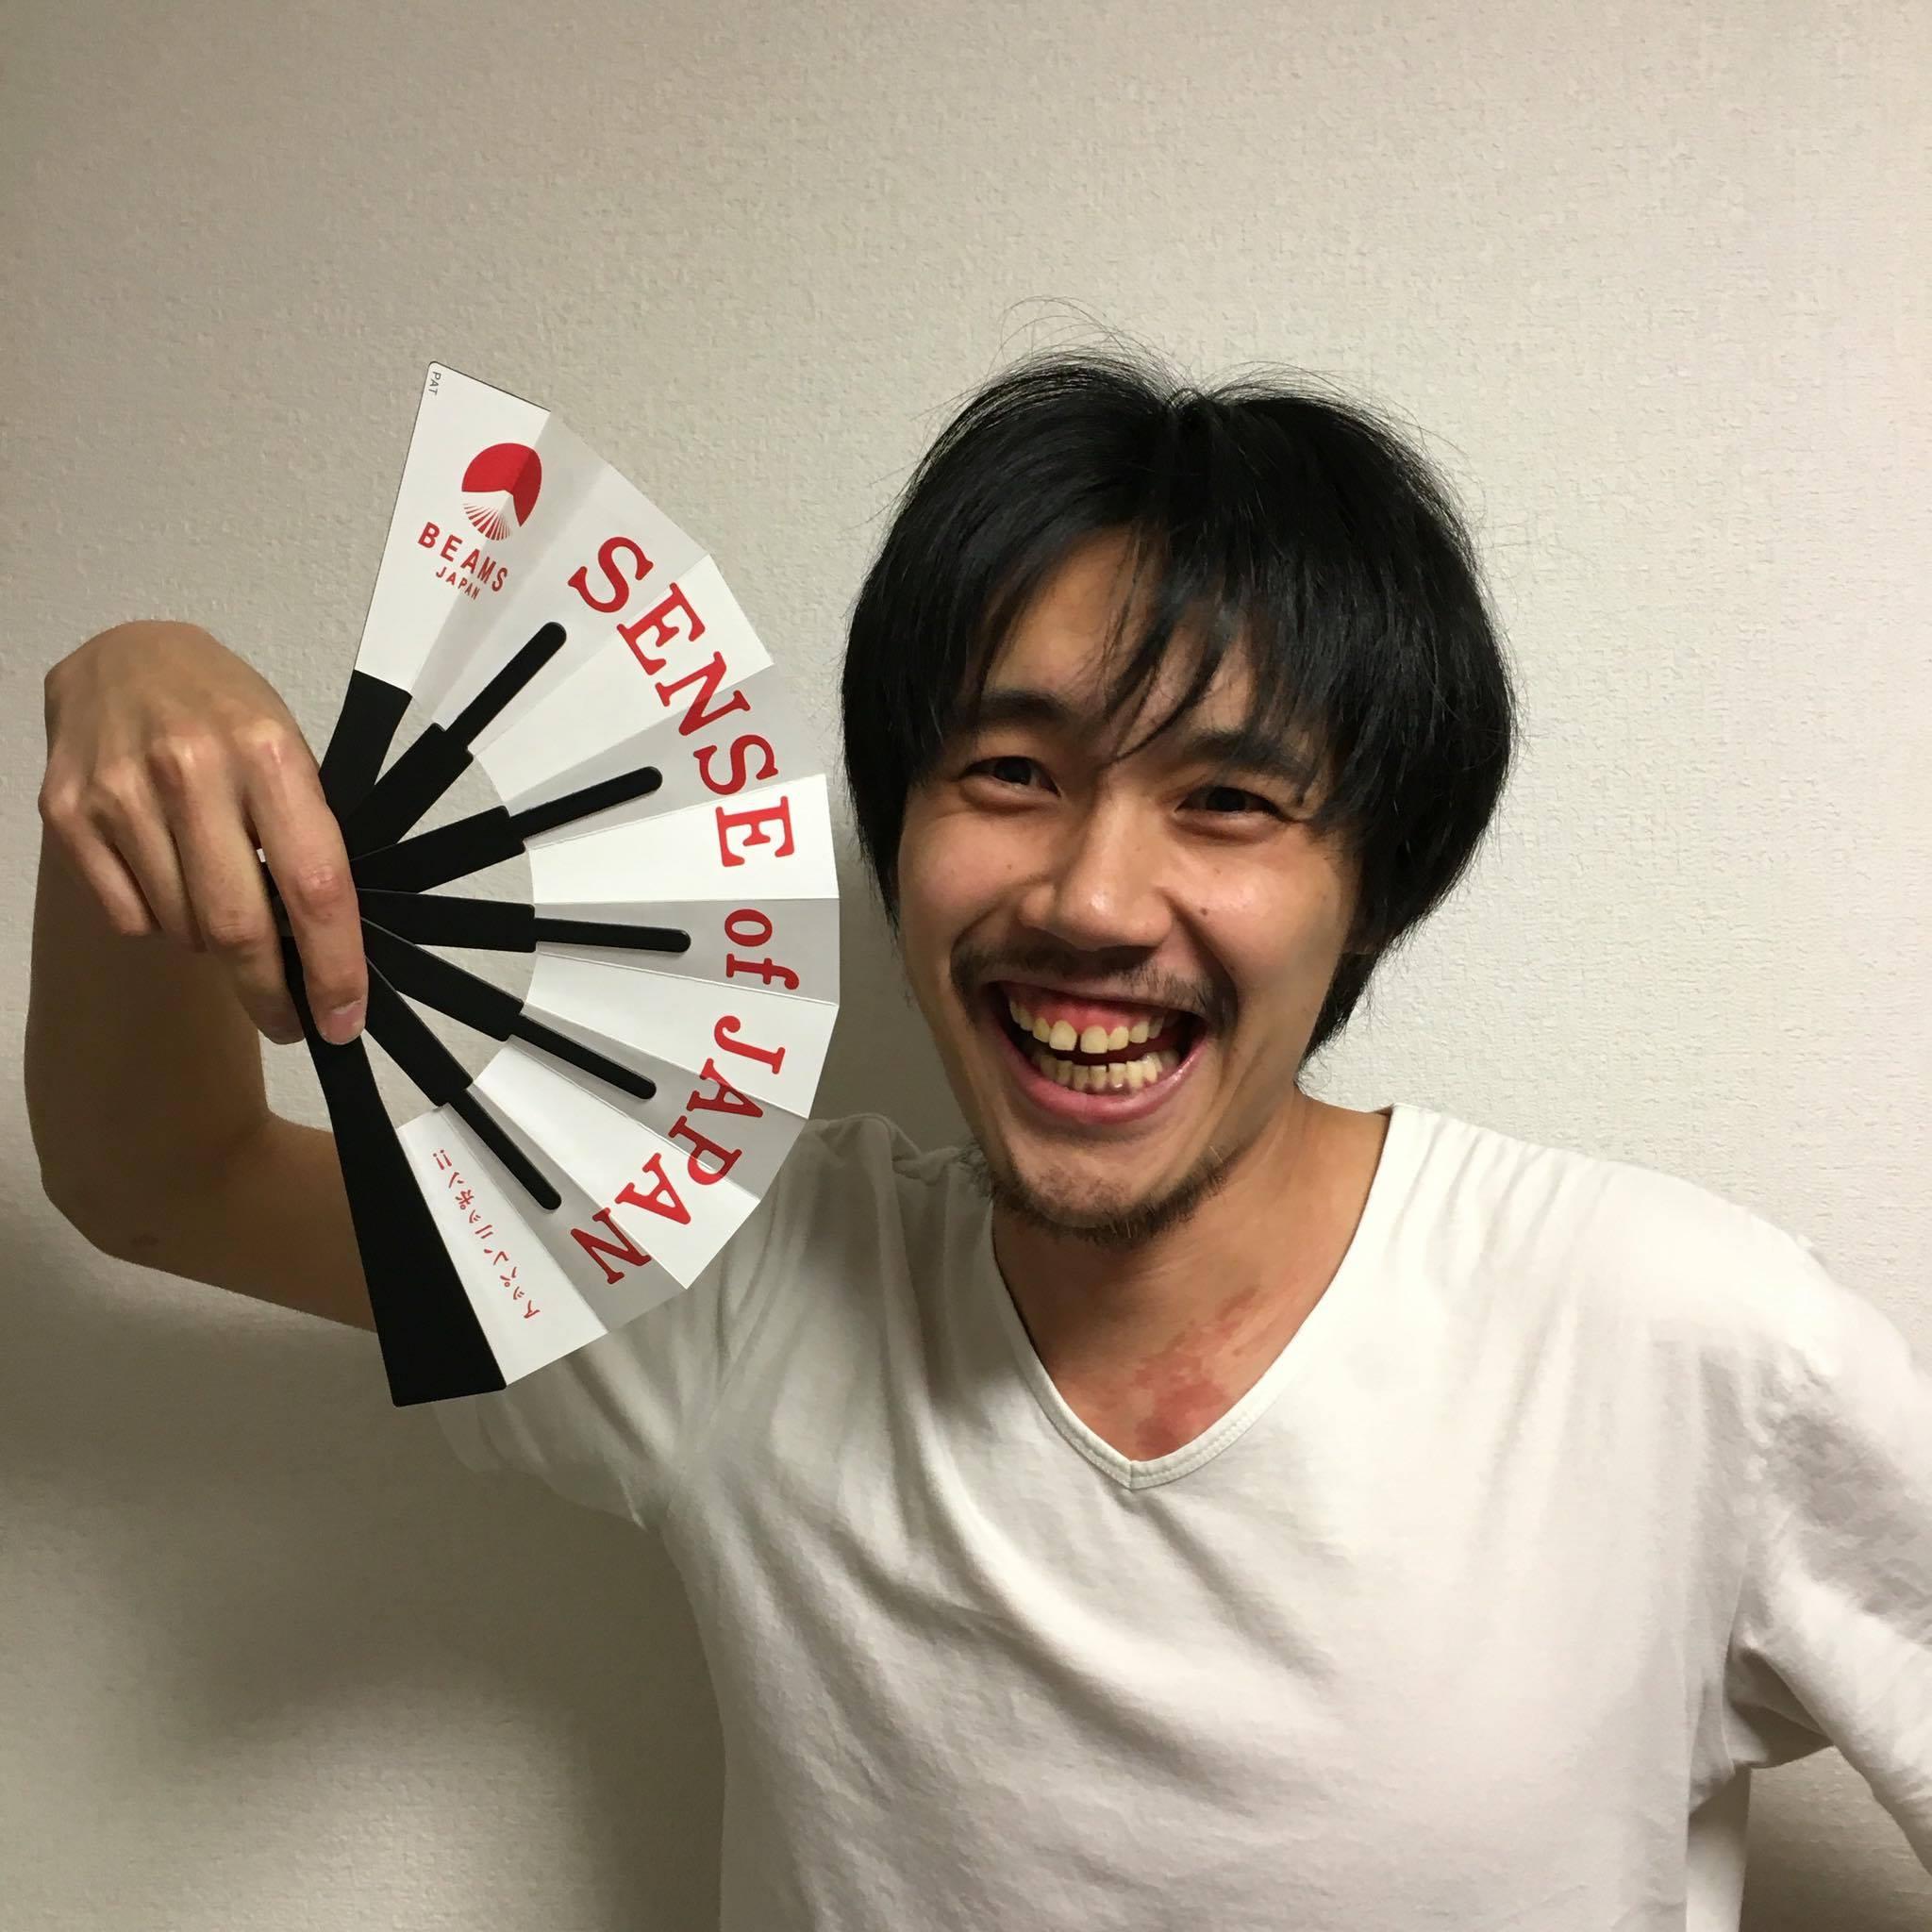 http://design.myame.jp/upload/images/sense_of_japan.jpg